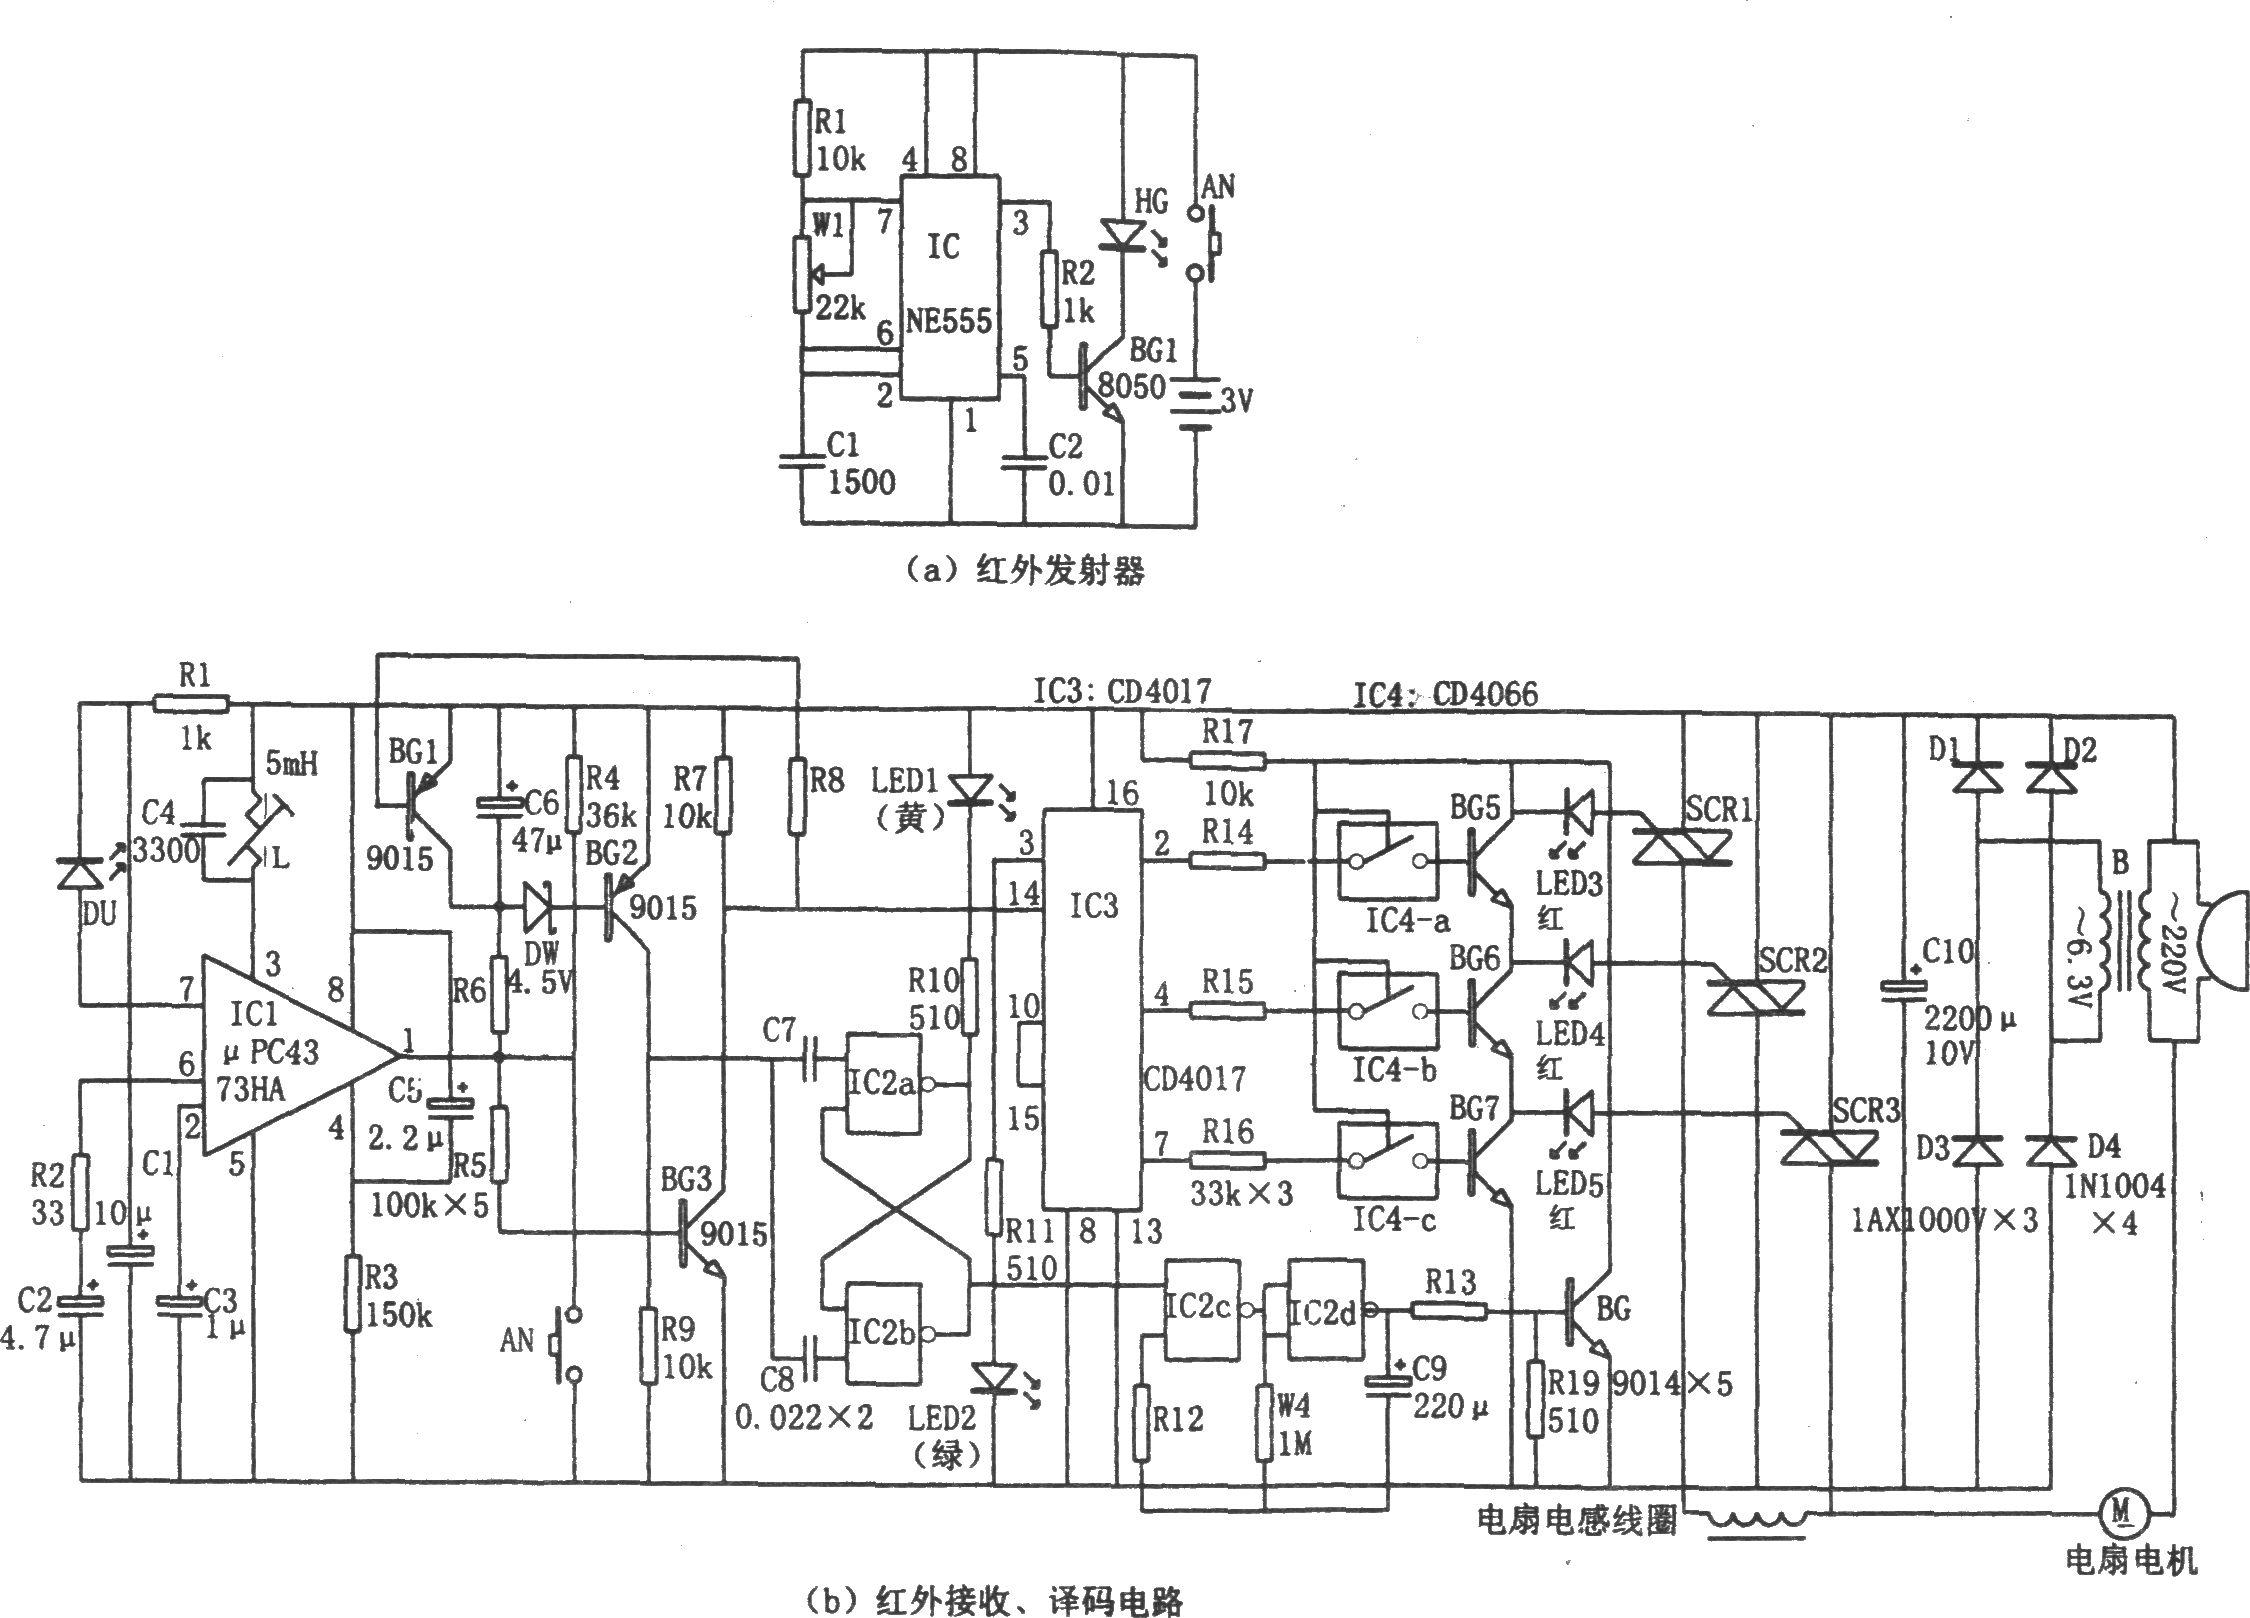 家用电扇红外遥控器(ne555,cd4017,cd4066)-电路图